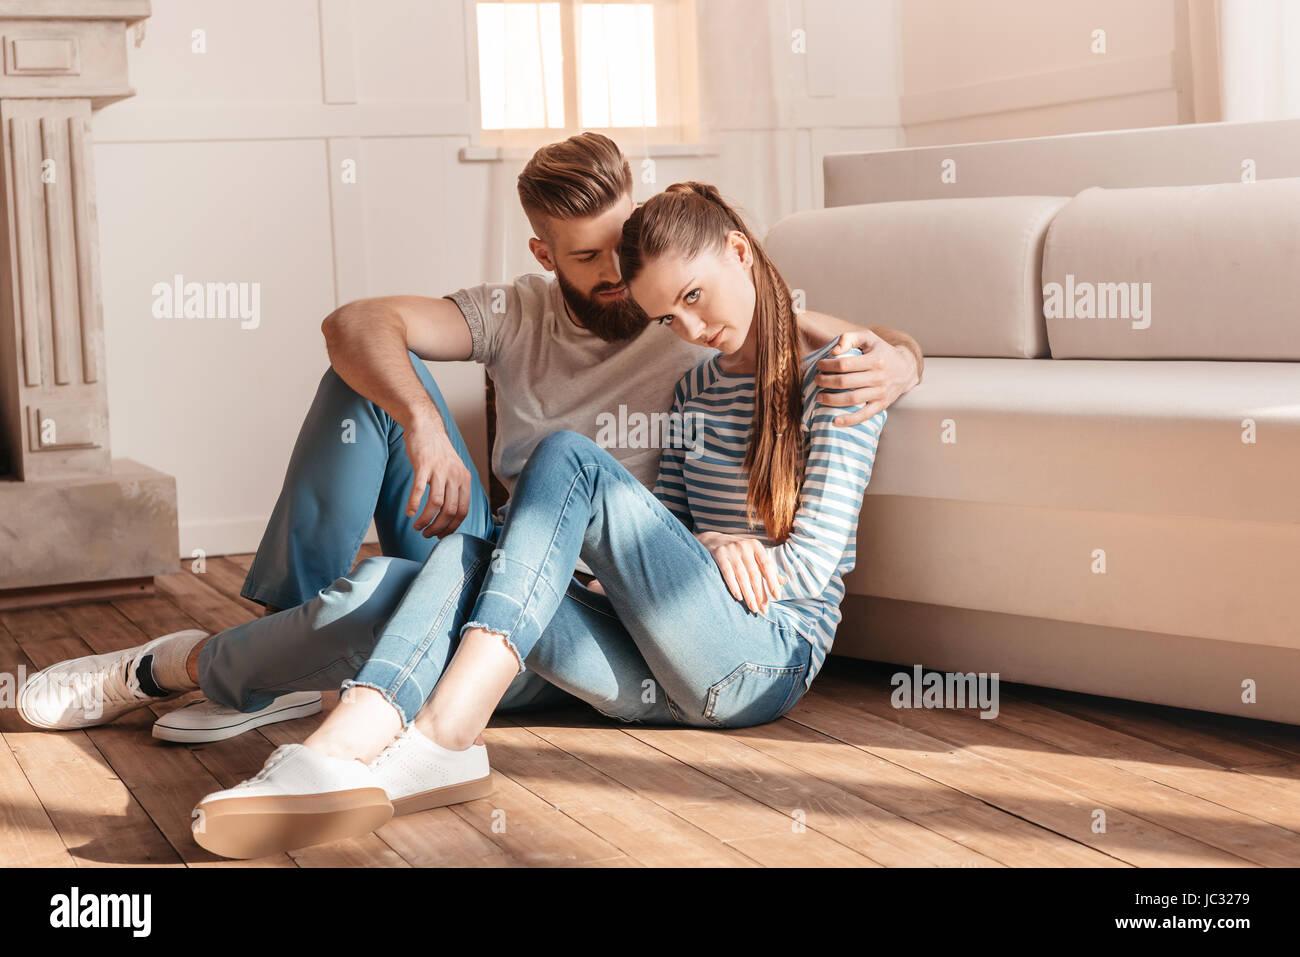 Gara giovane uomo e donna abbracciando e seduto sul pavimento a casa Immagini Stock